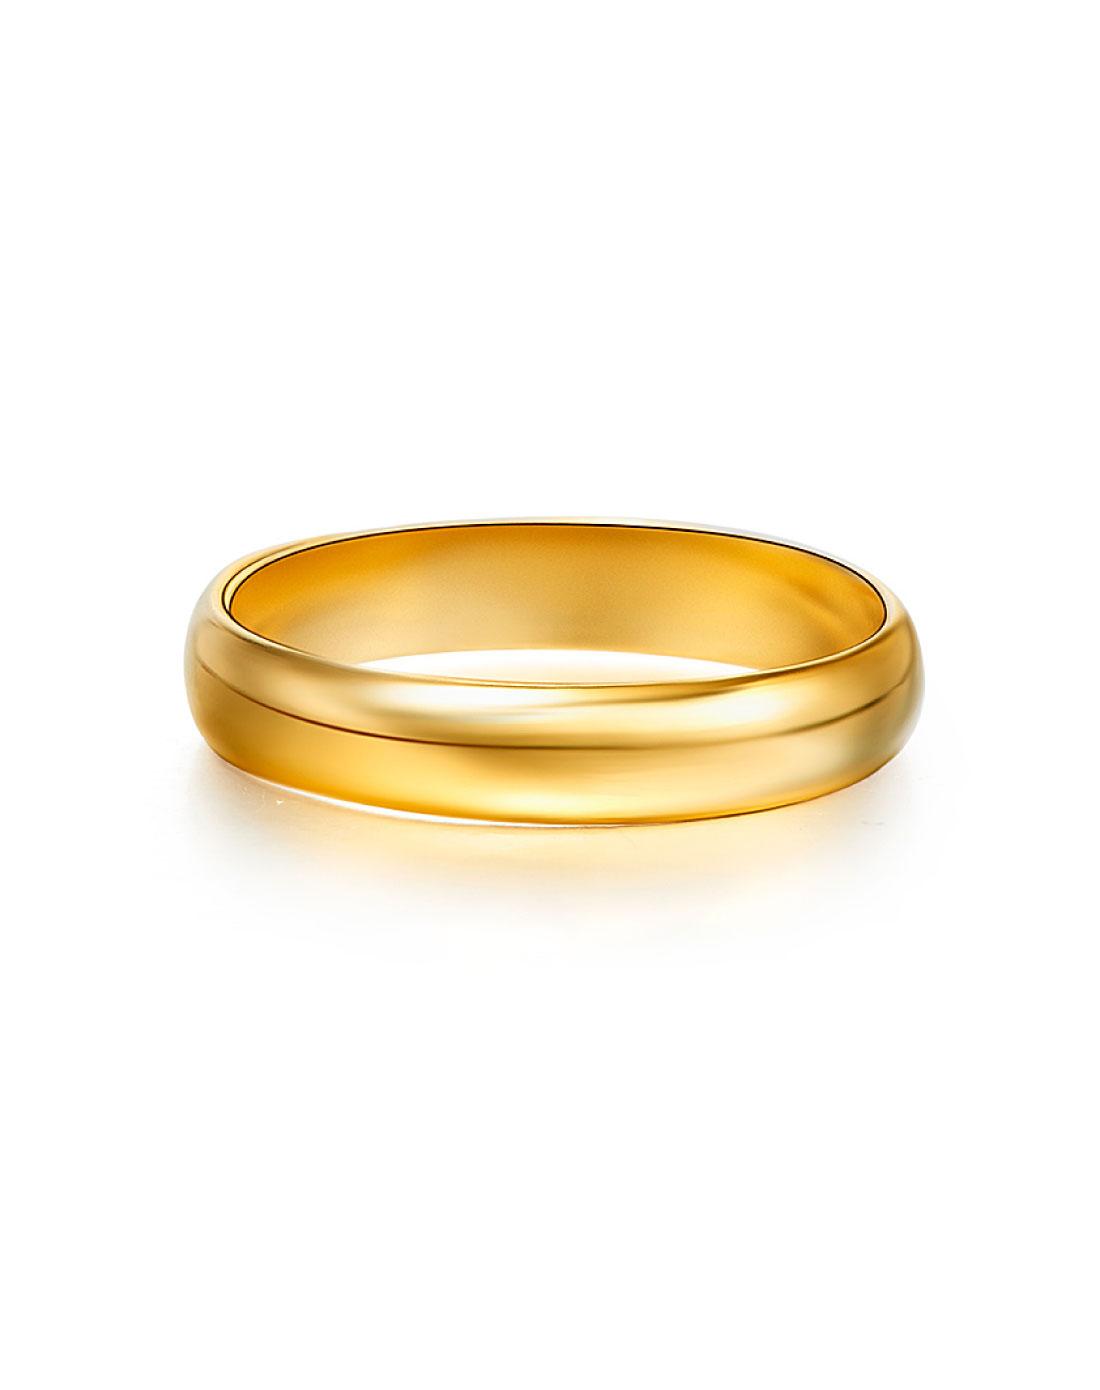 周大生黄金珠宝回收